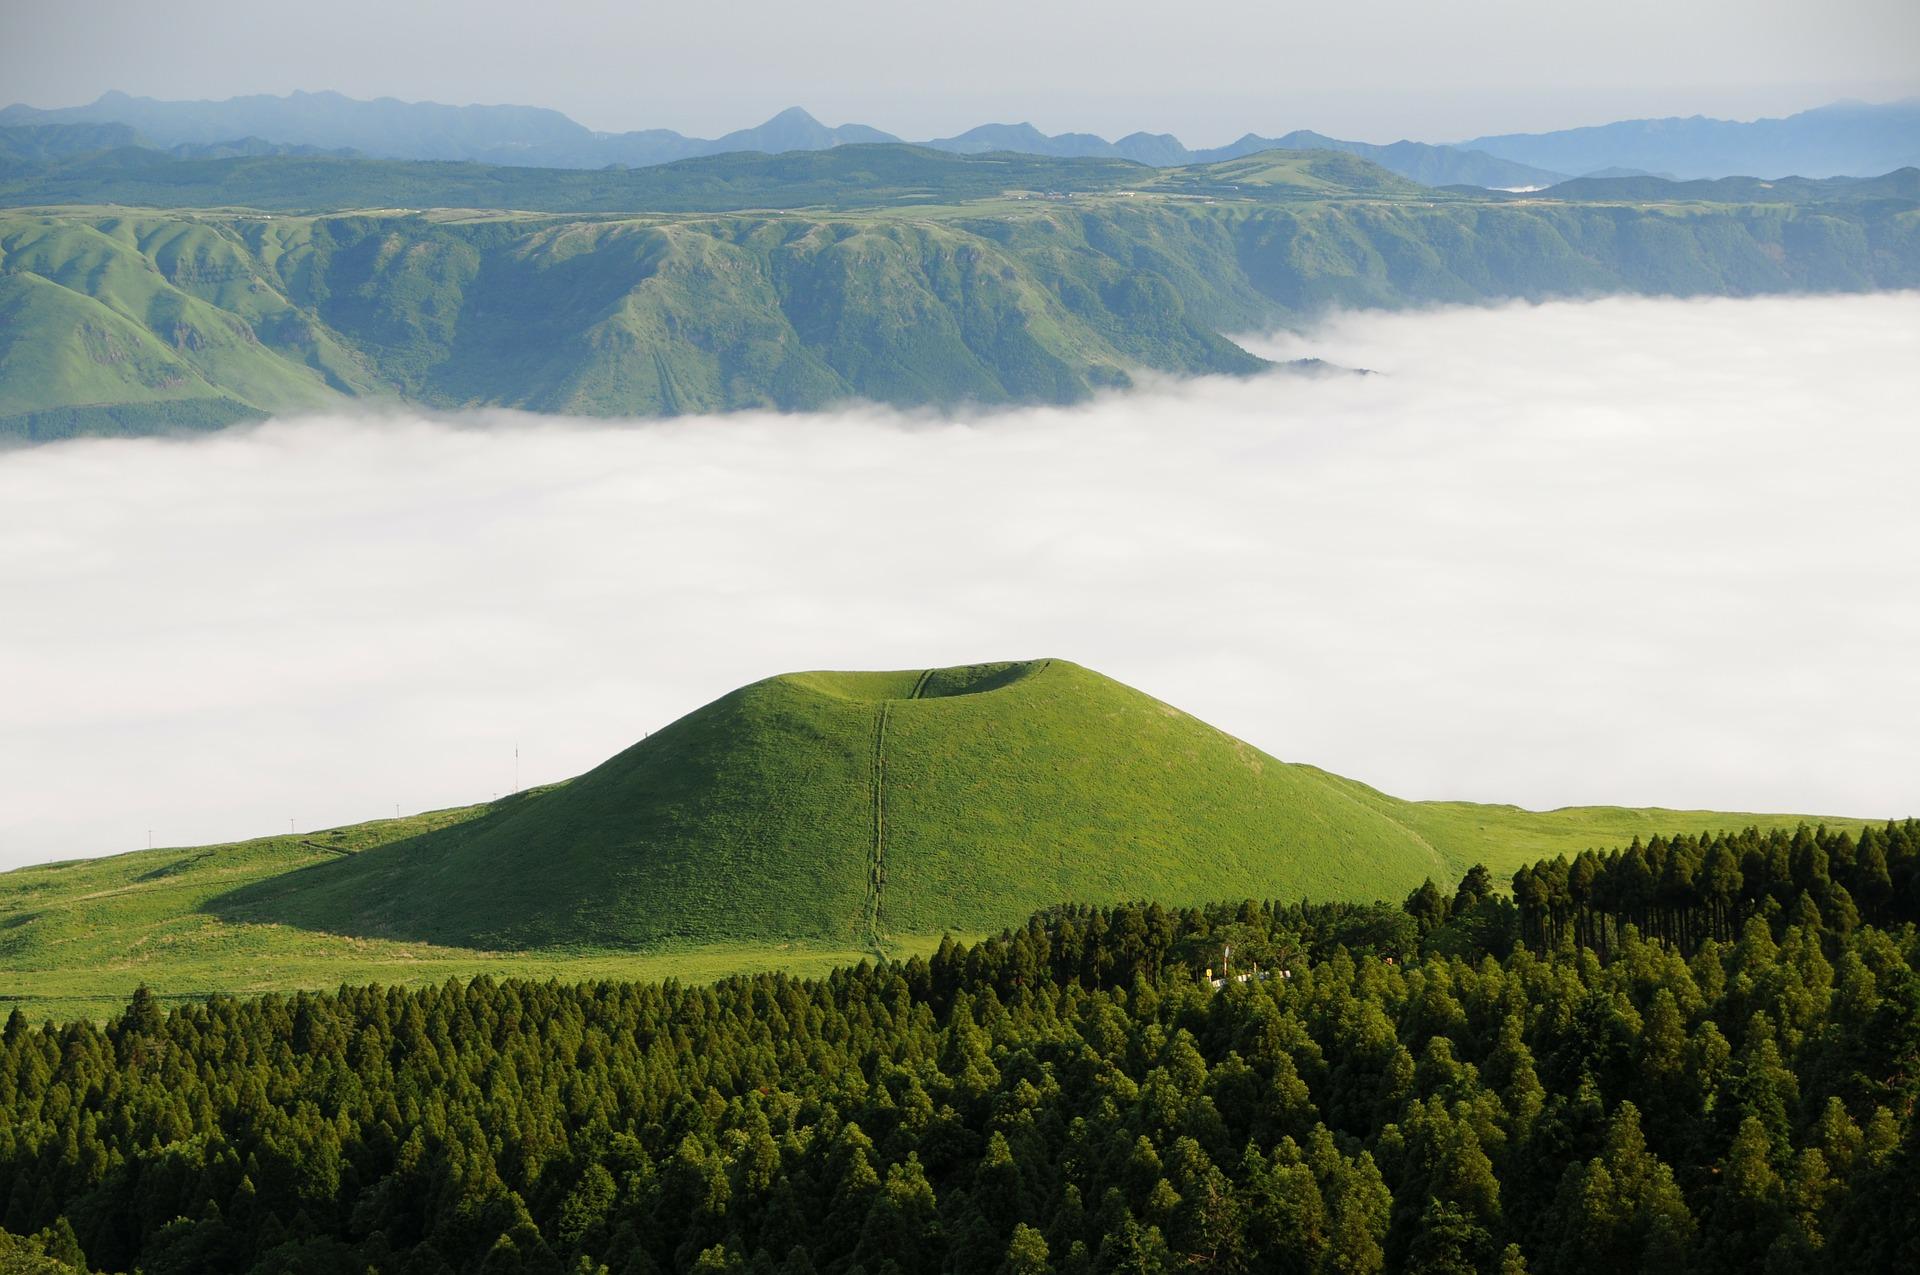 Aso komezuka, nuvens, montanhas, Mar, Japão - Papéis de parede HD - Professor-falken.com